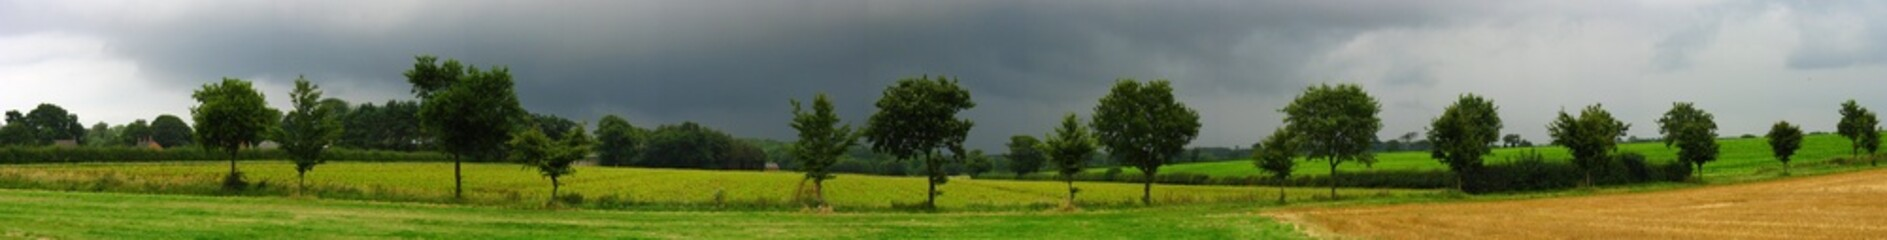 Panoramic Tree Line Under Stormy Sky